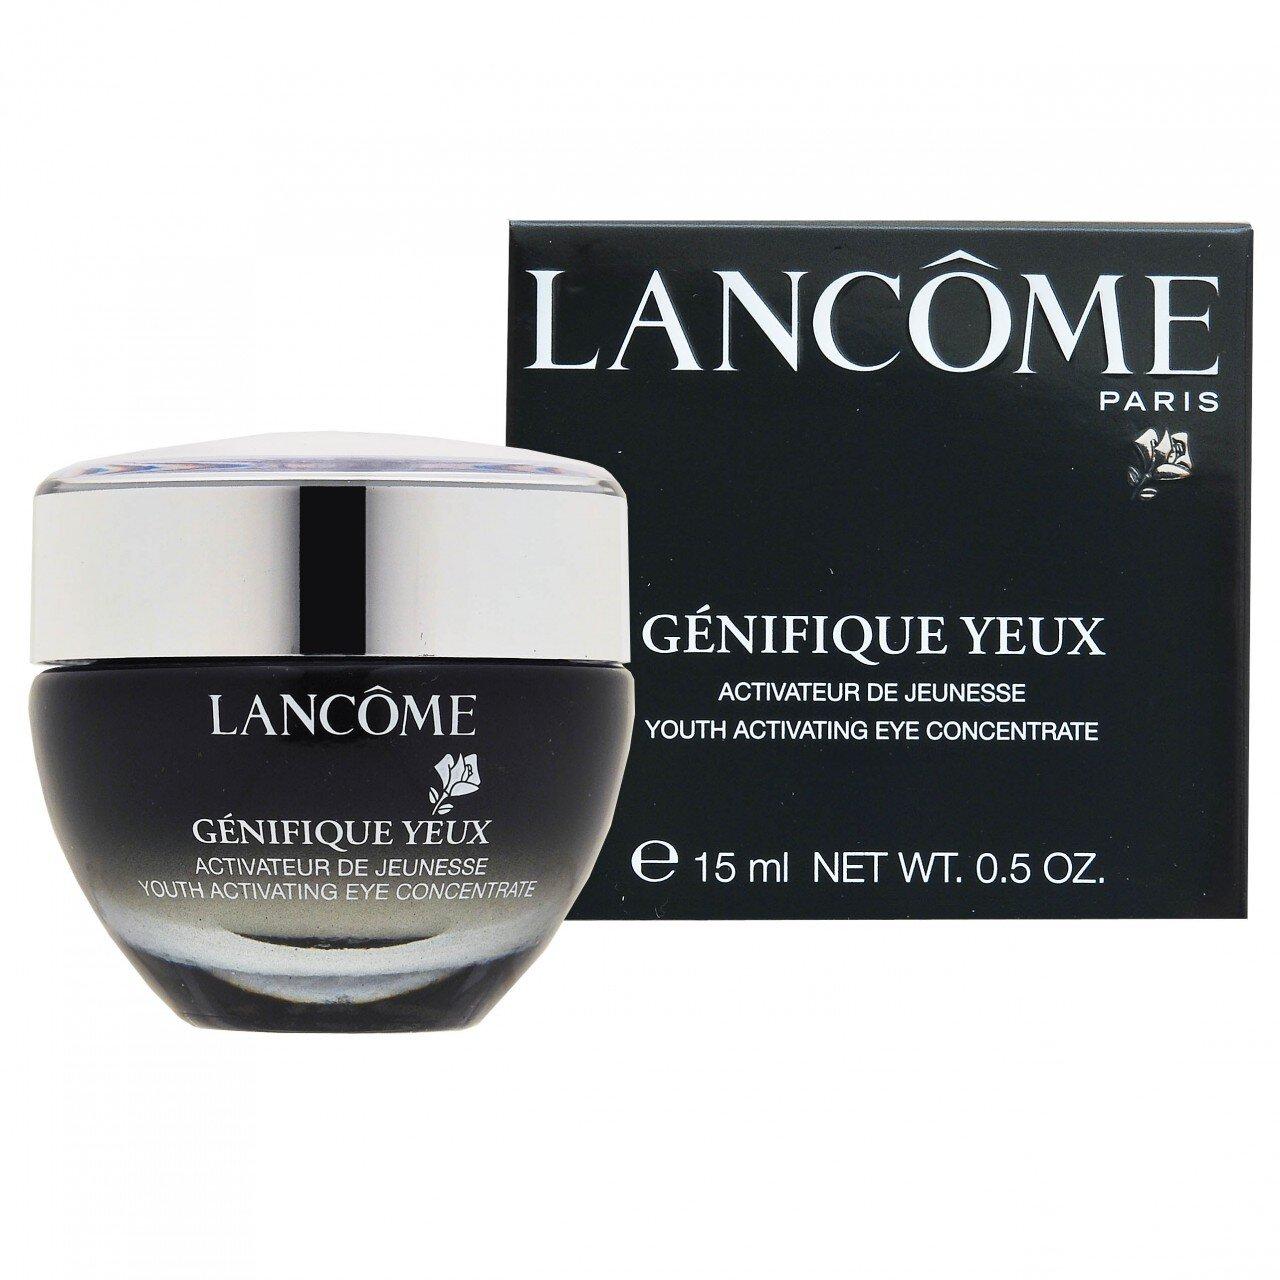 Kem dưỡng da vùng mắt Lancôme Génifique Yeux Youth Activating Eye Concentrate 15ml